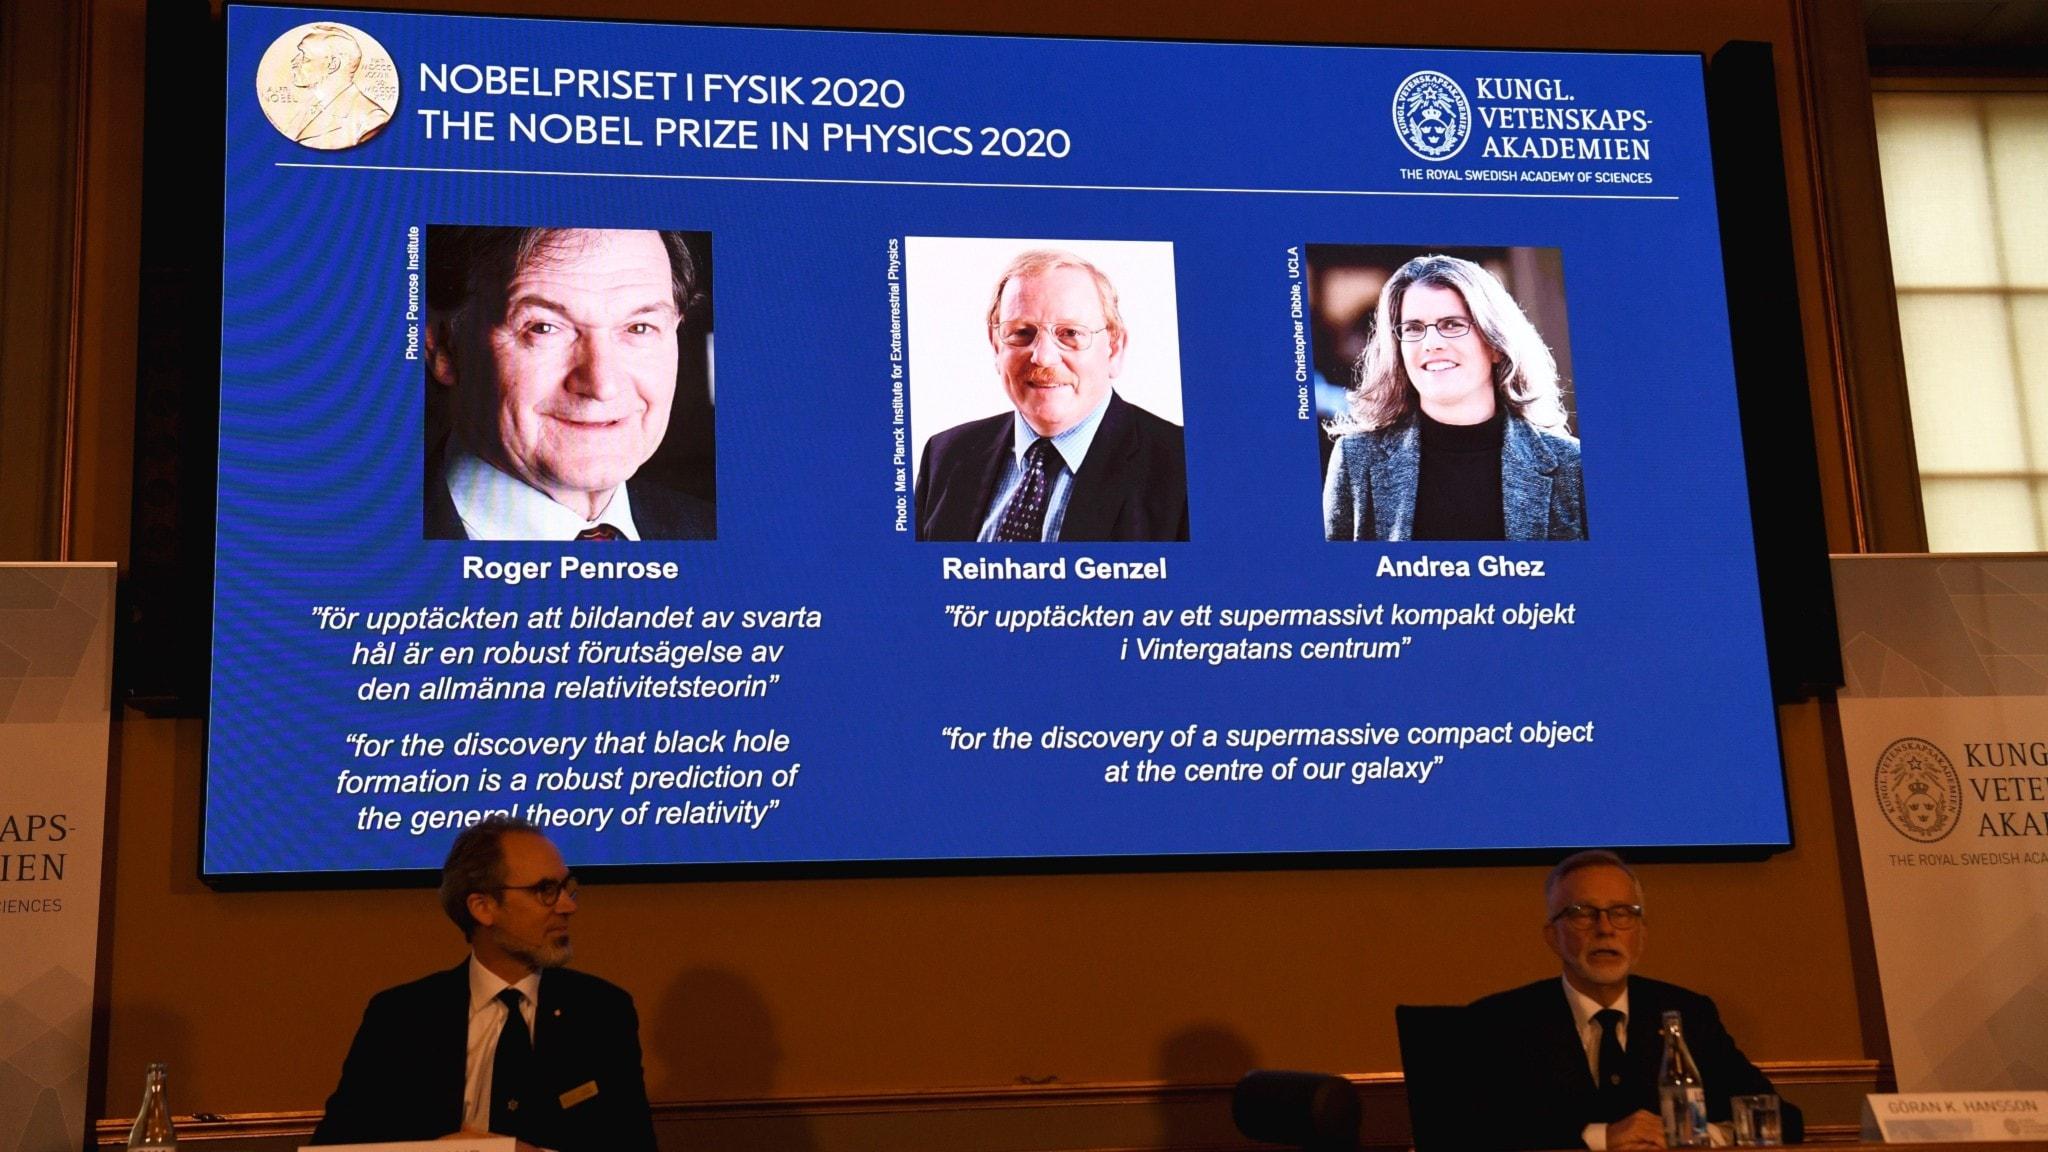 Årets Nobelpristagare i fysik Roger Penrose, Reinhard Genzel och Andrea Ghez presenterades på Kungliga Vetenskapsakademin idag.